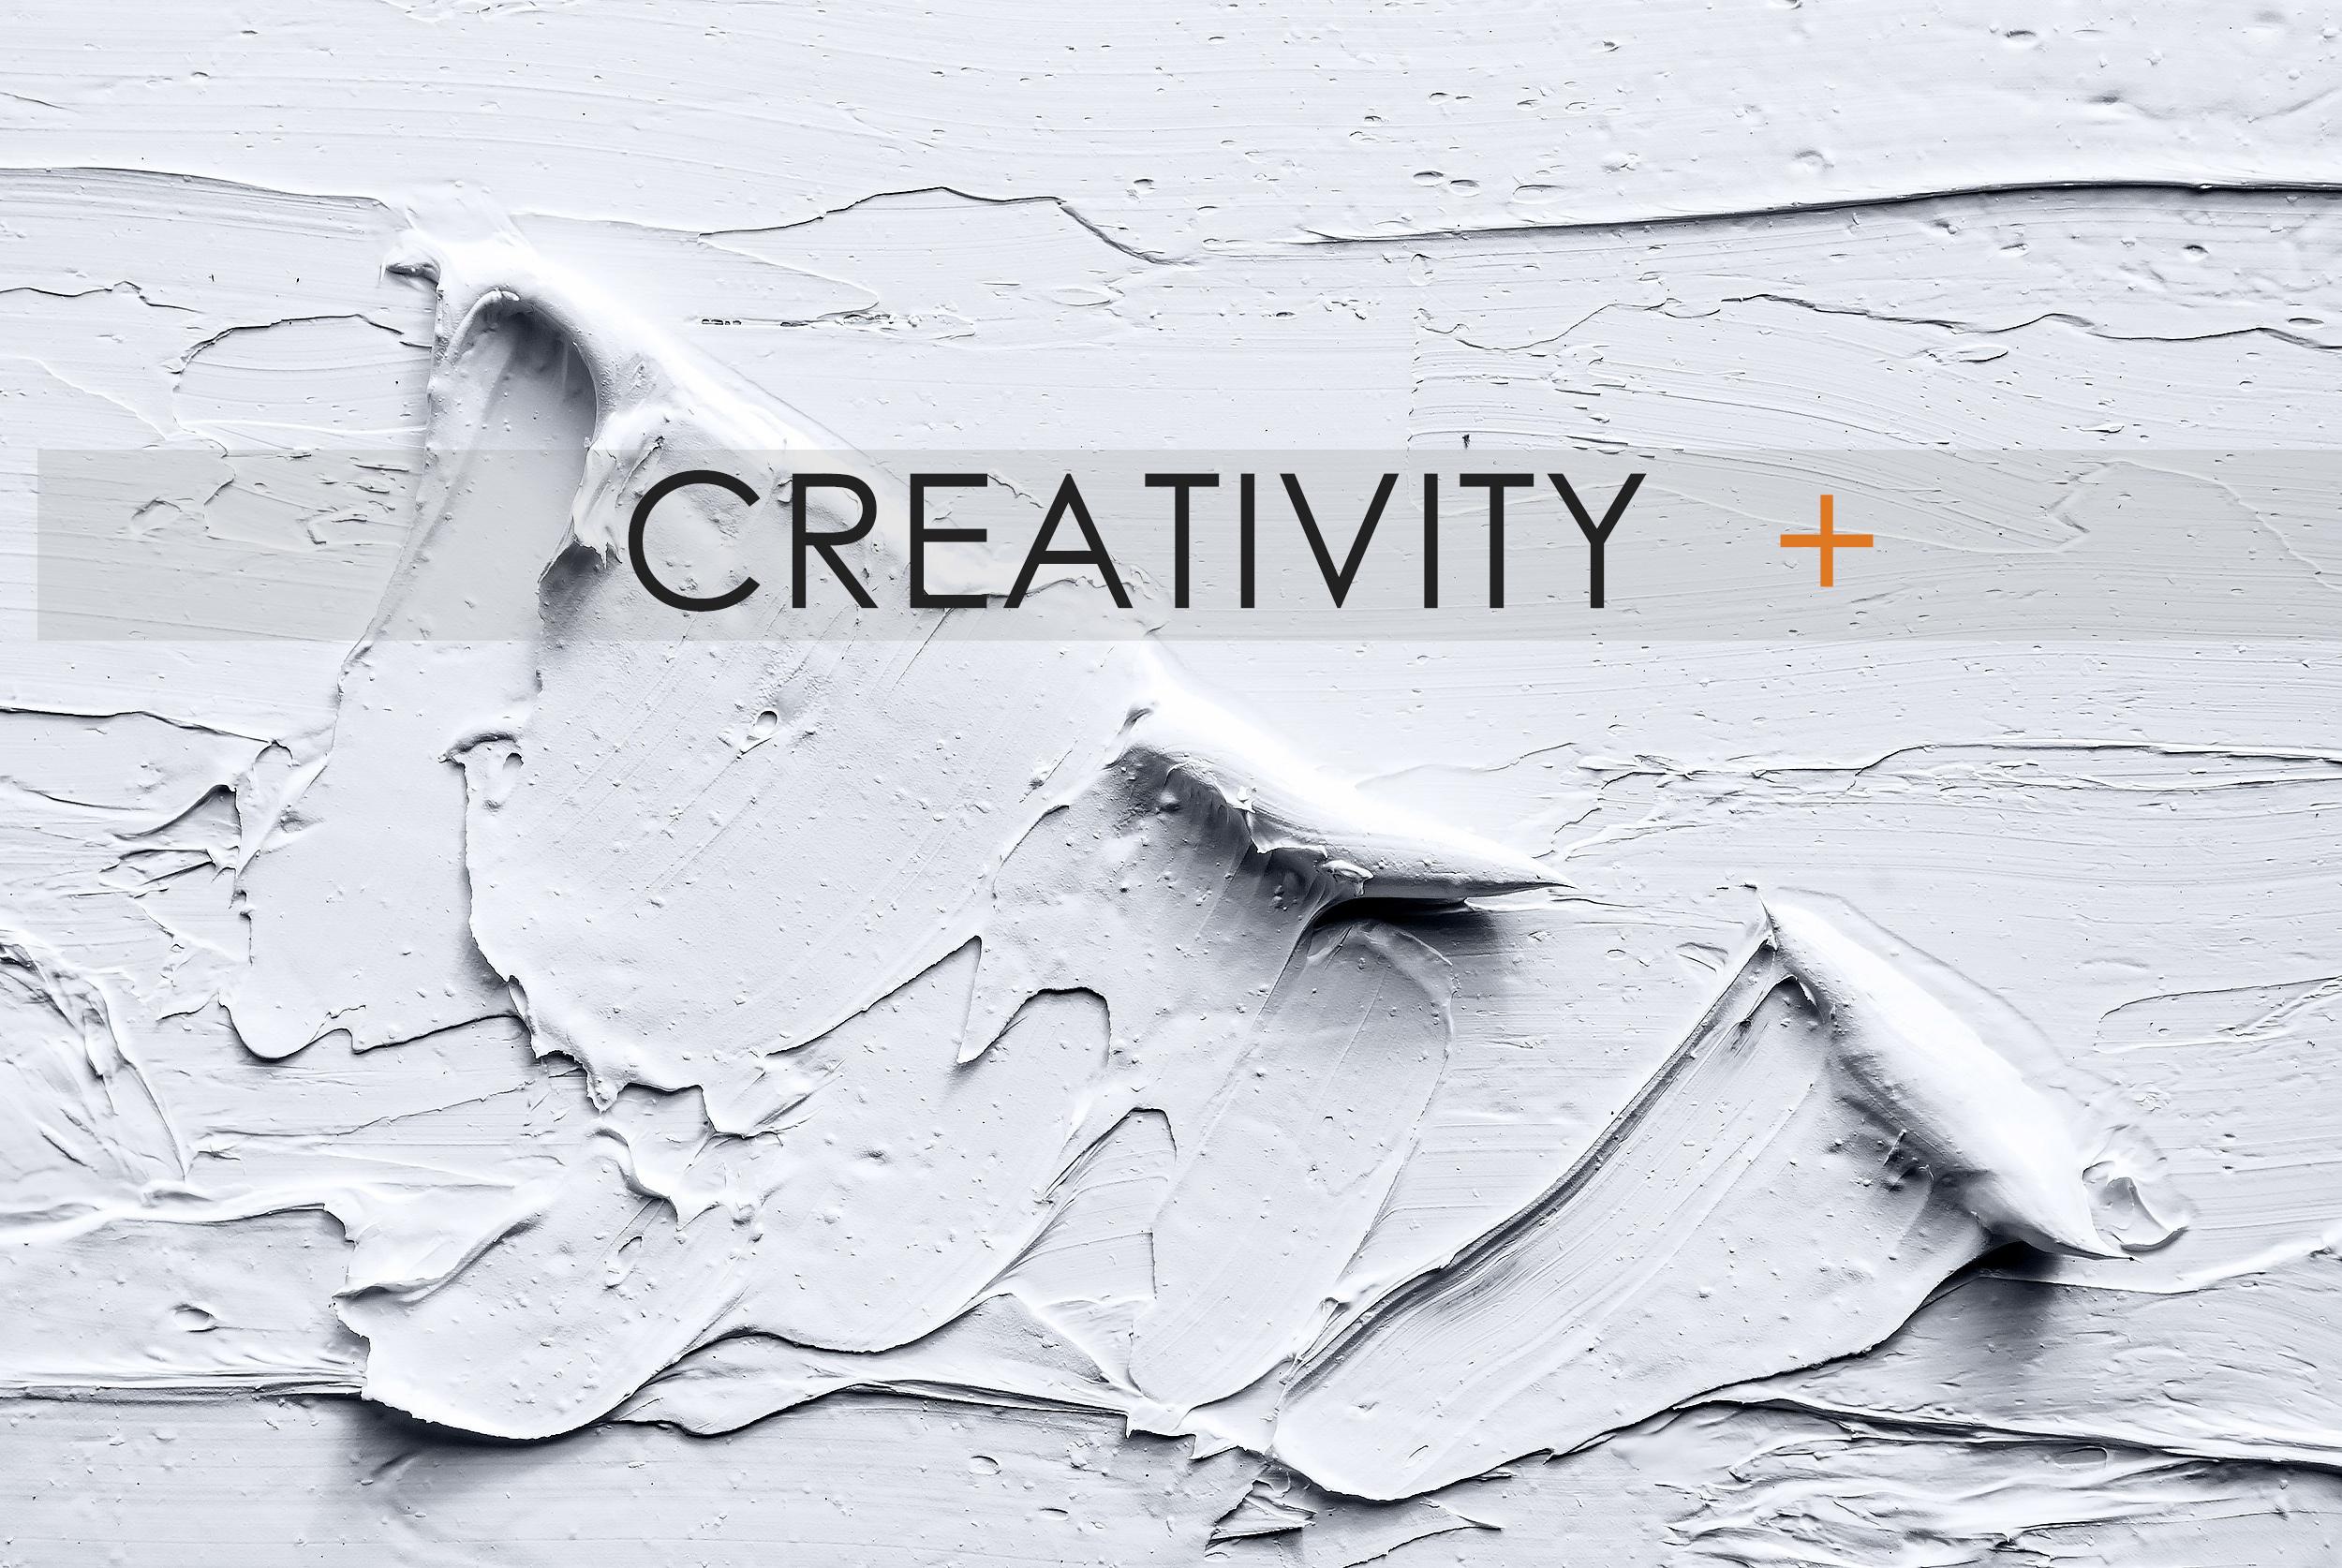 CC Creativity